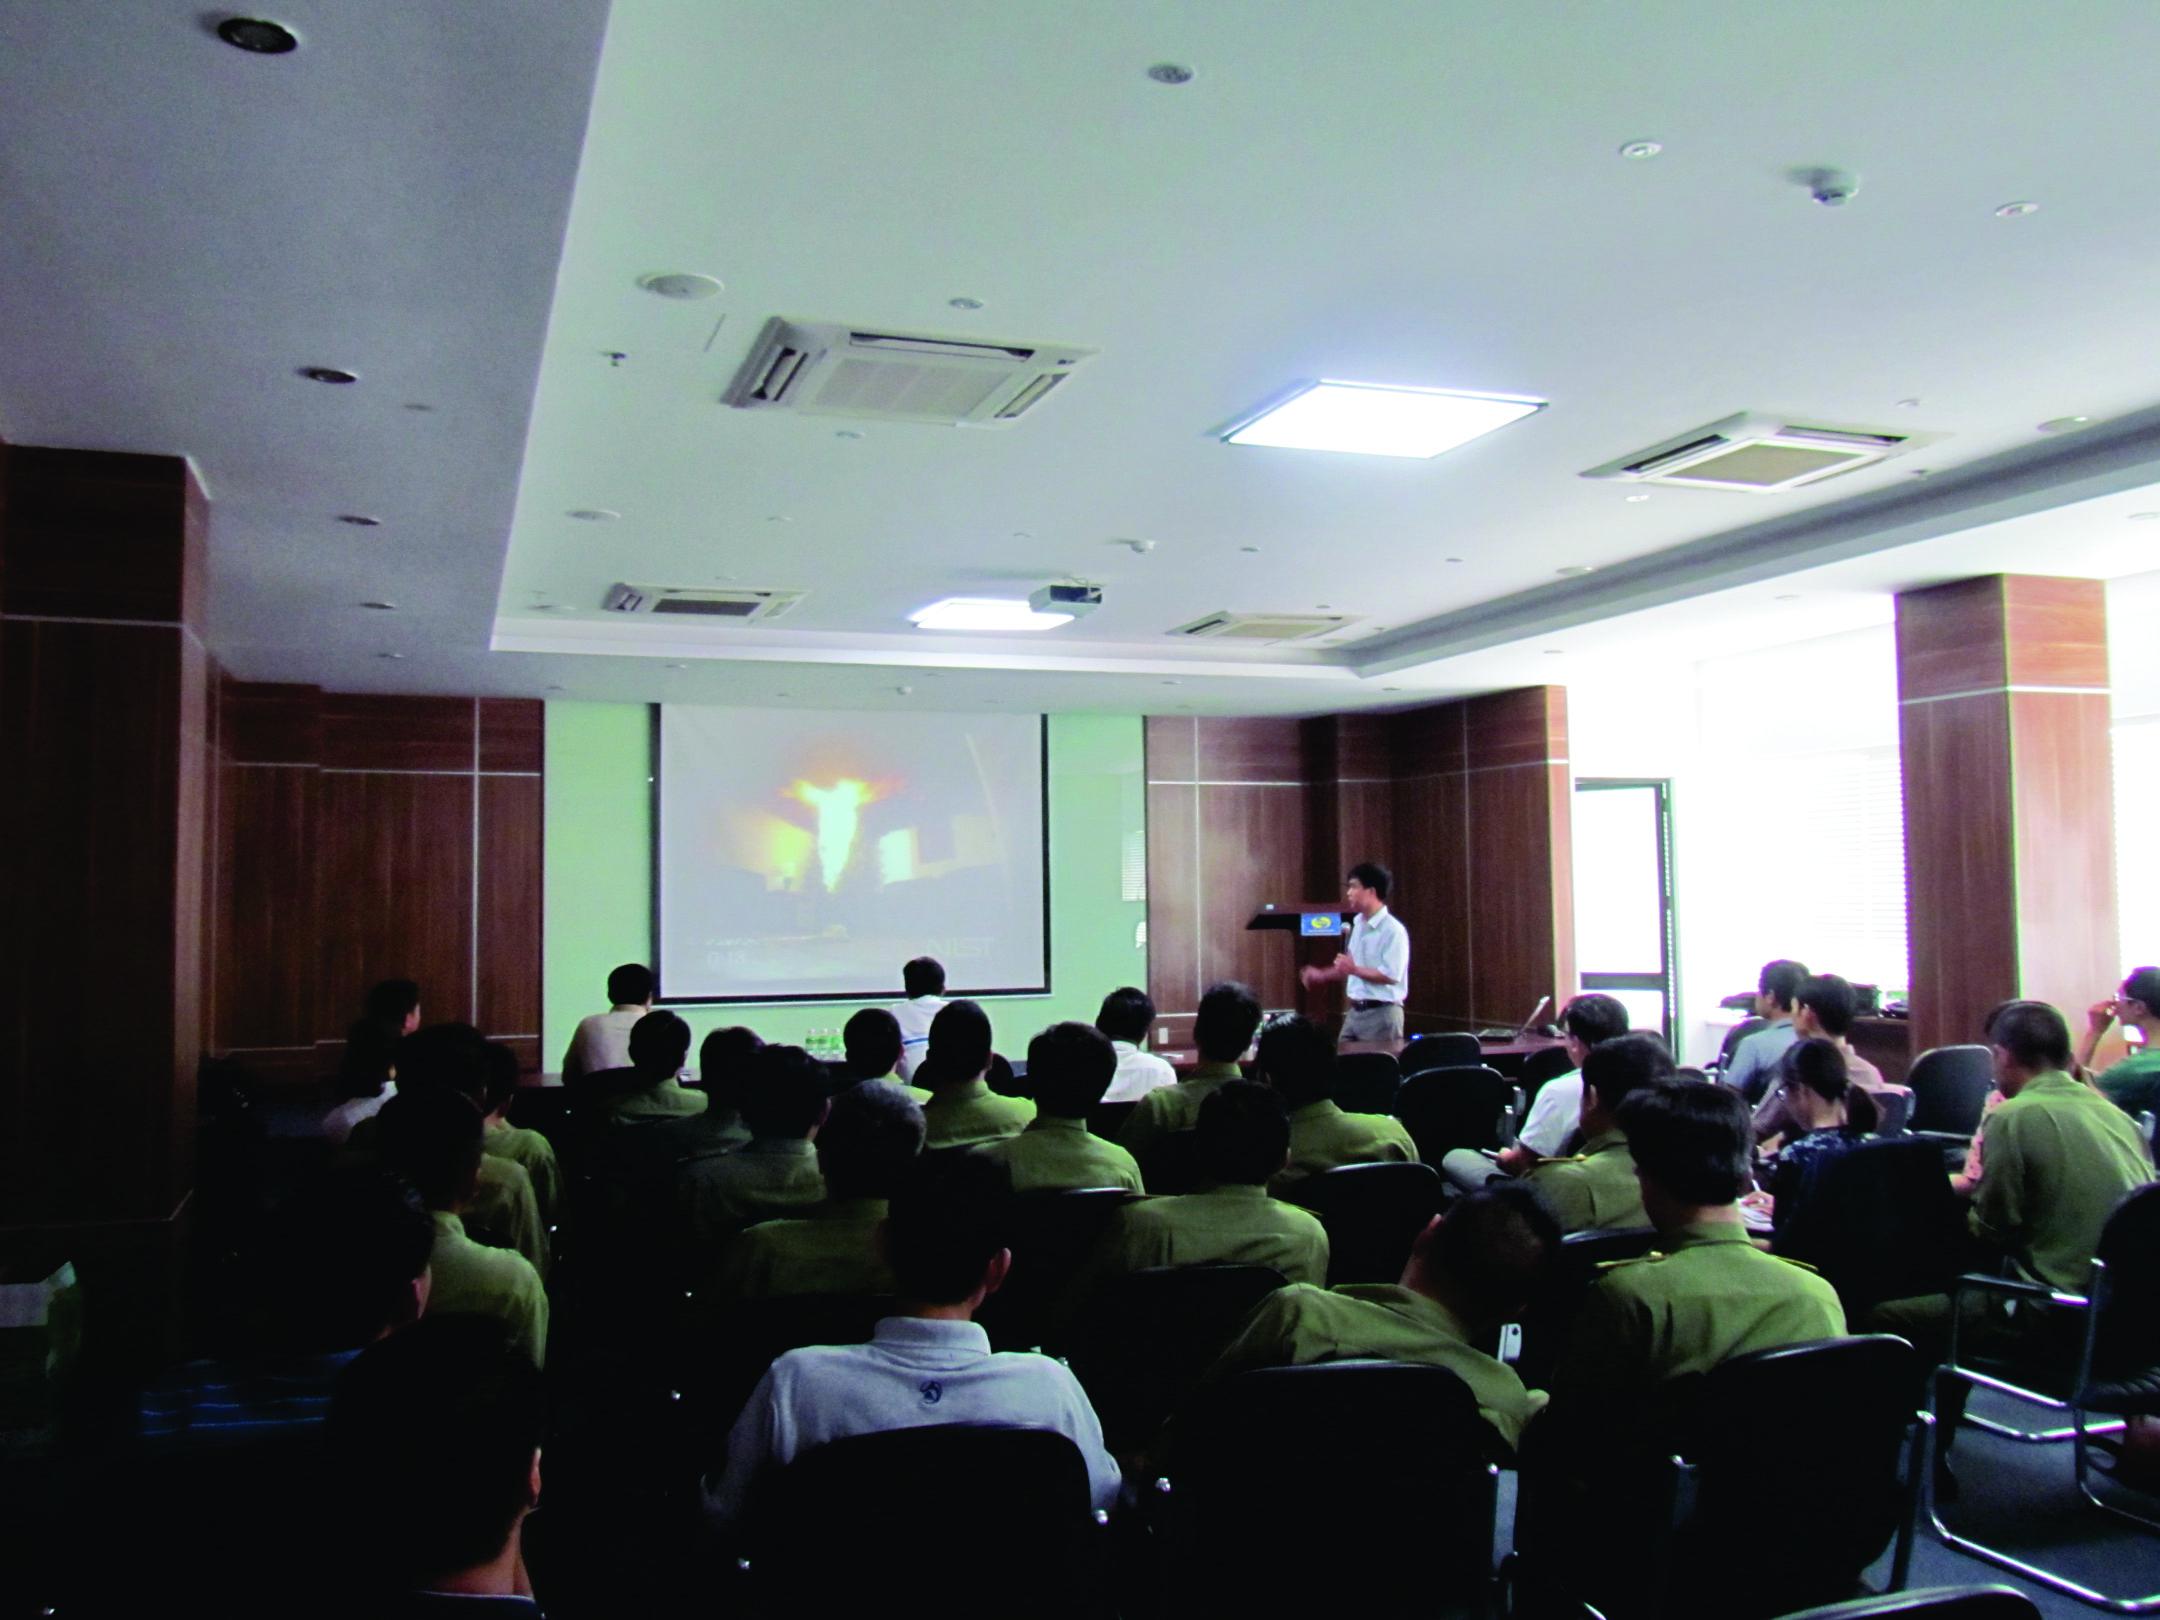 Khai giảng khóa học cho thành viên ban quản trị, ban quản lý  Công ty CP đầu tư VCN